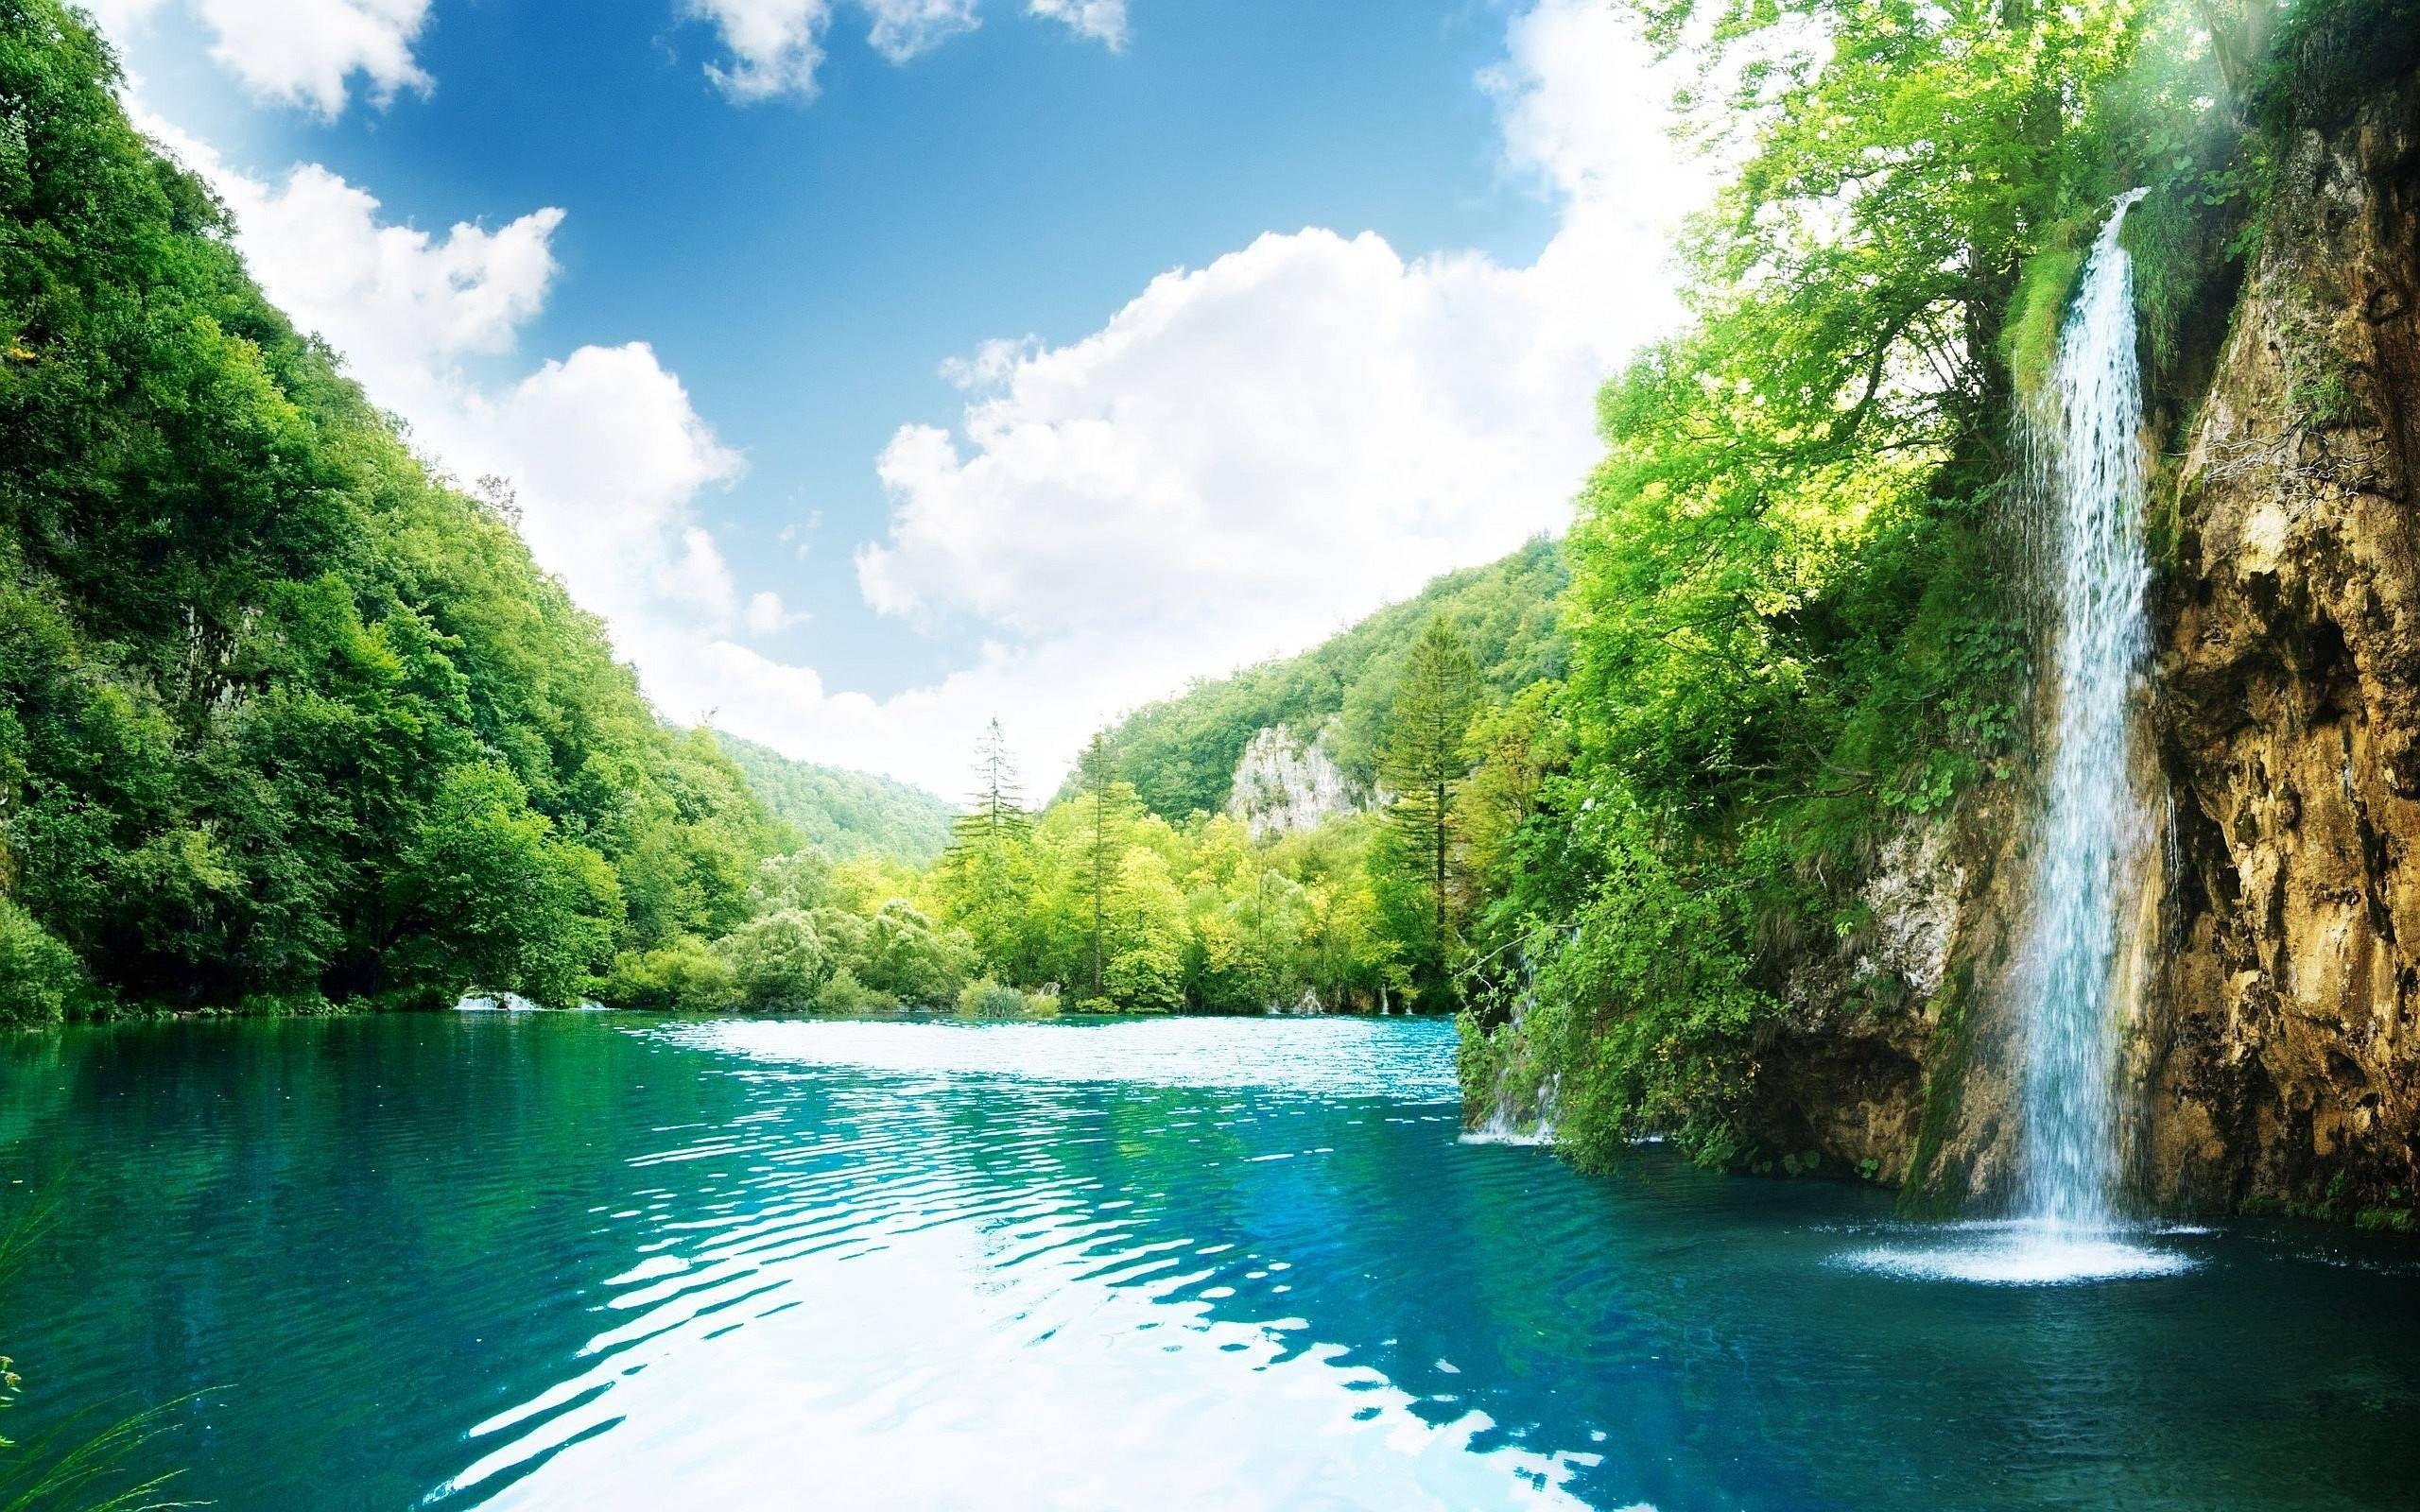 Tropical Waterfall High Definition Wallpaper High Quality Wallpapers 2560x1600 Px 777 33 Kb Air Terjun Pemandangan Air